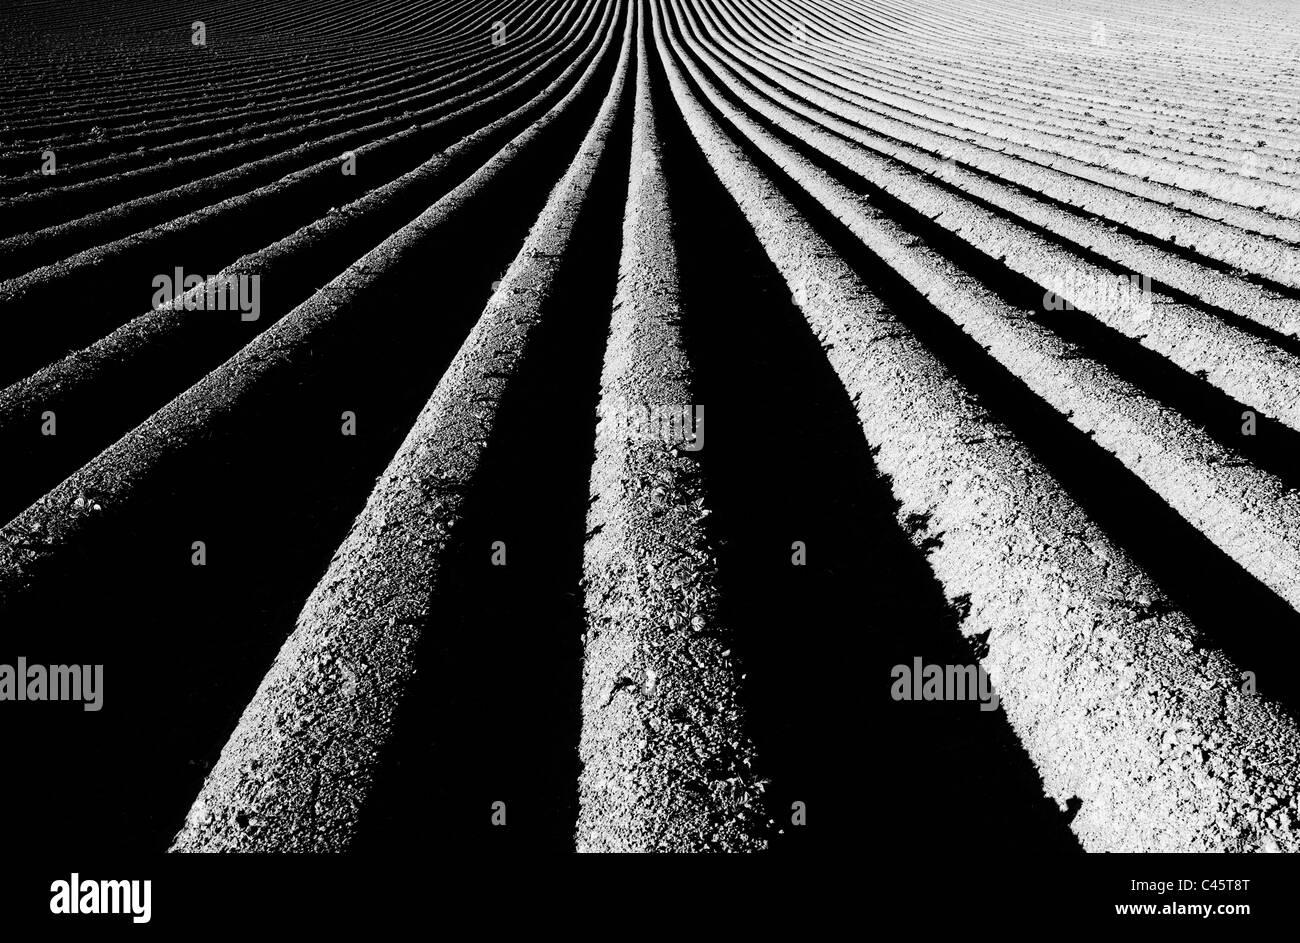 Ridge e il solco campo arato pattern. Monocromatico Immagini Stock